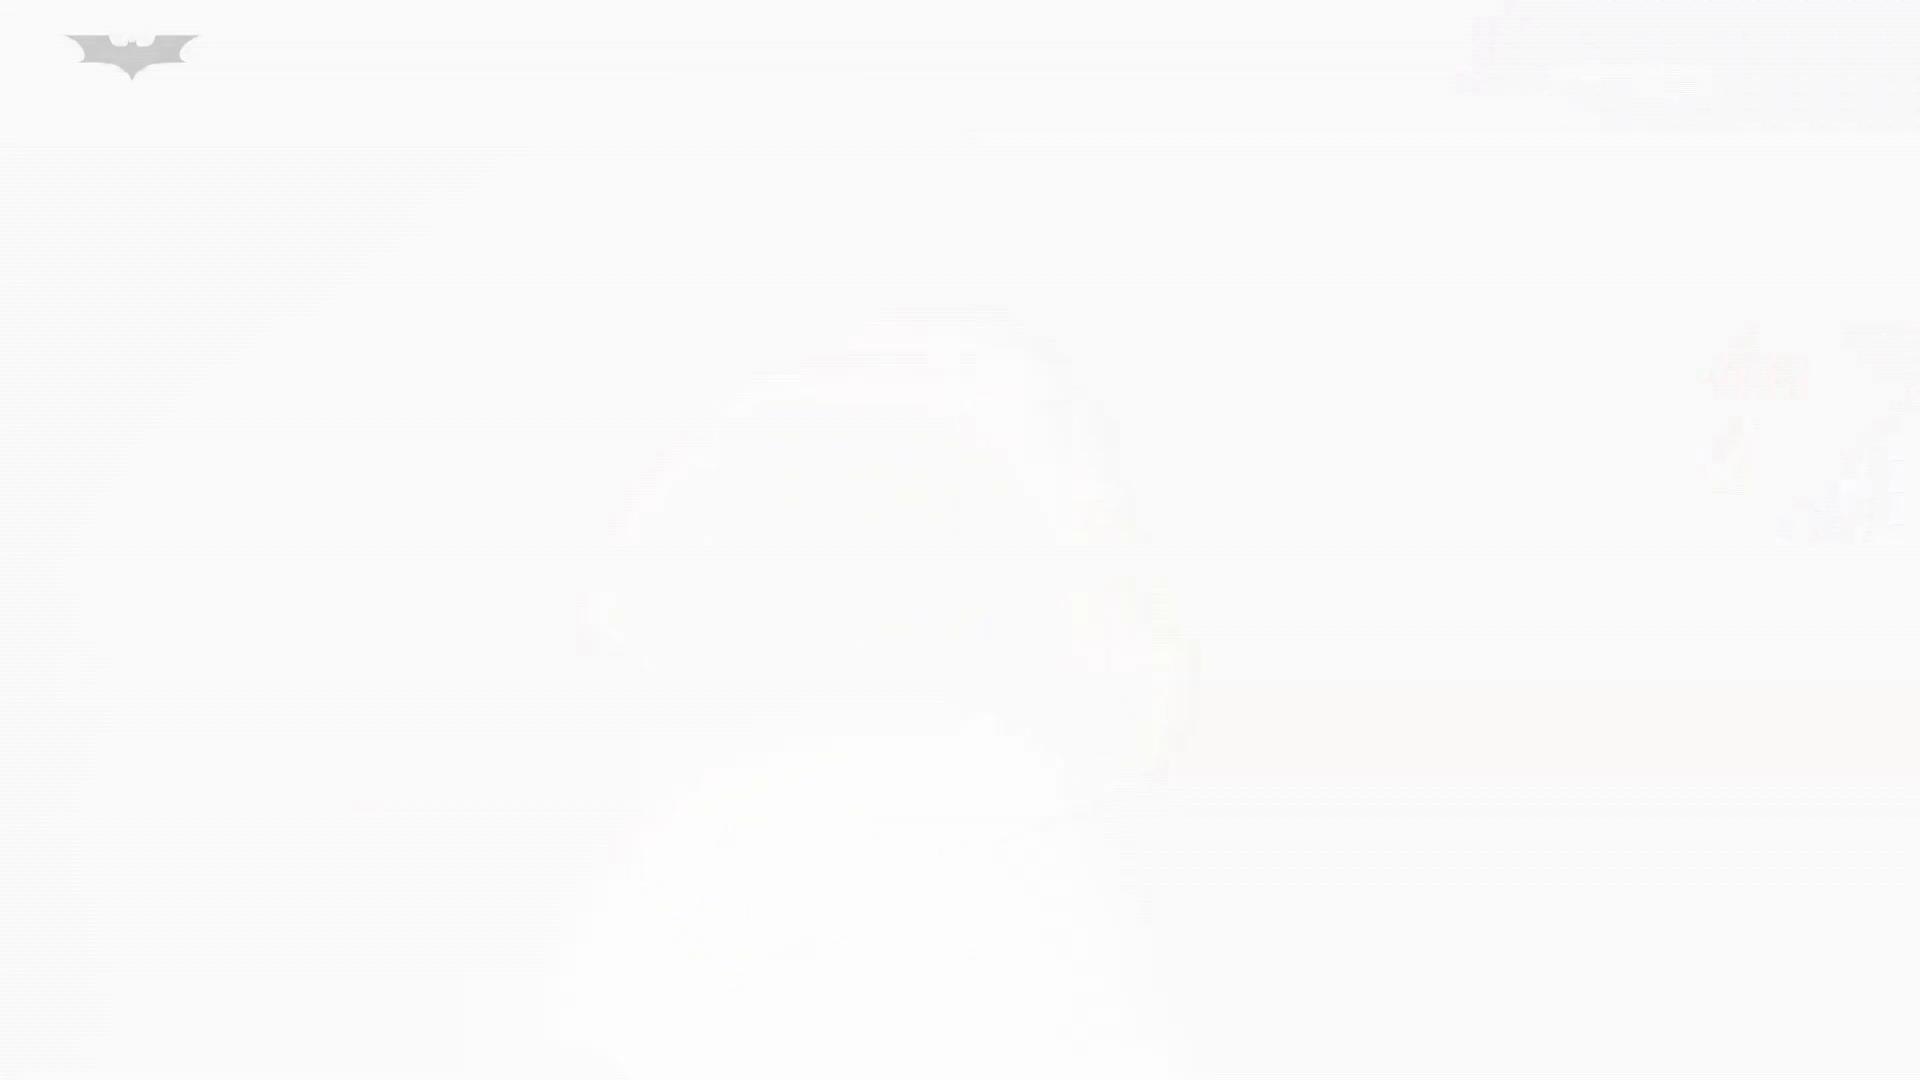 和式洋式七変化 Vol.32 綺麗な子連続登場 いやらしいOL すけべAV動画紹介 92連発 42